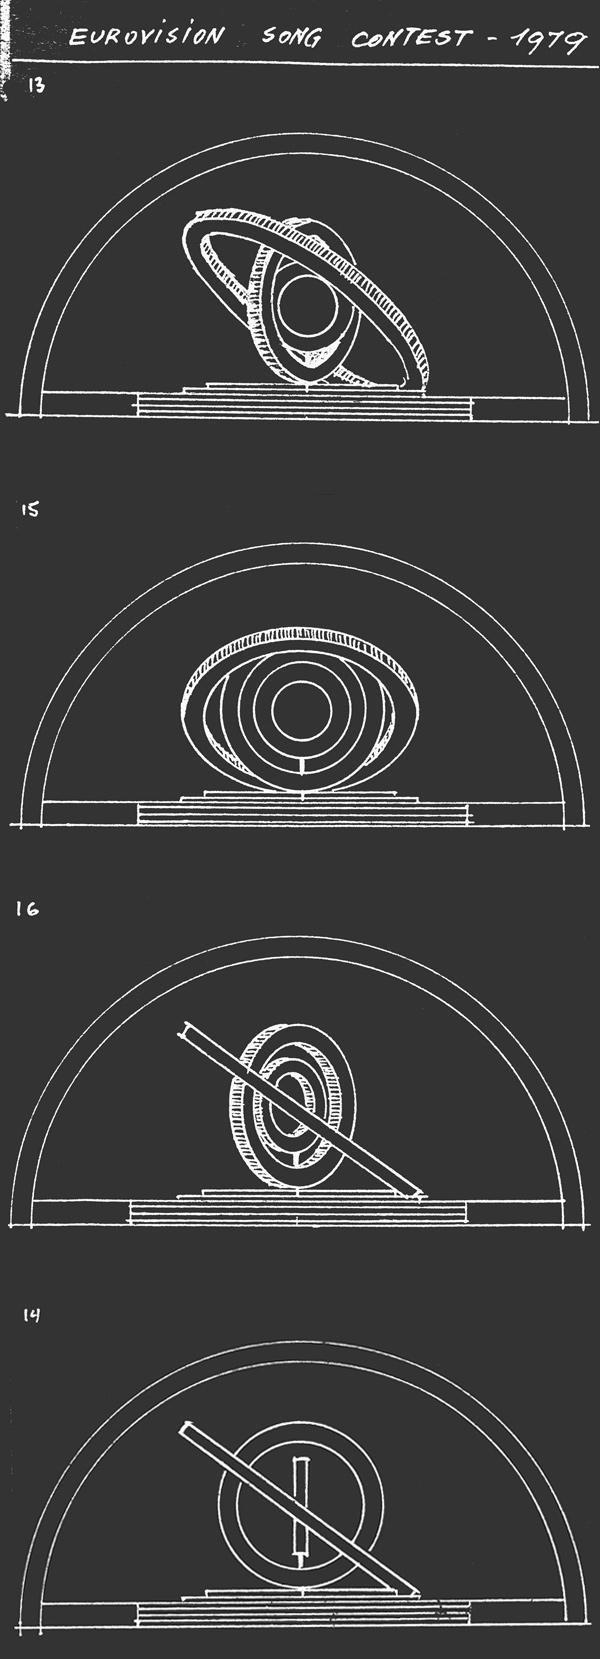 שרטוט של הטבעות במצבים שונים